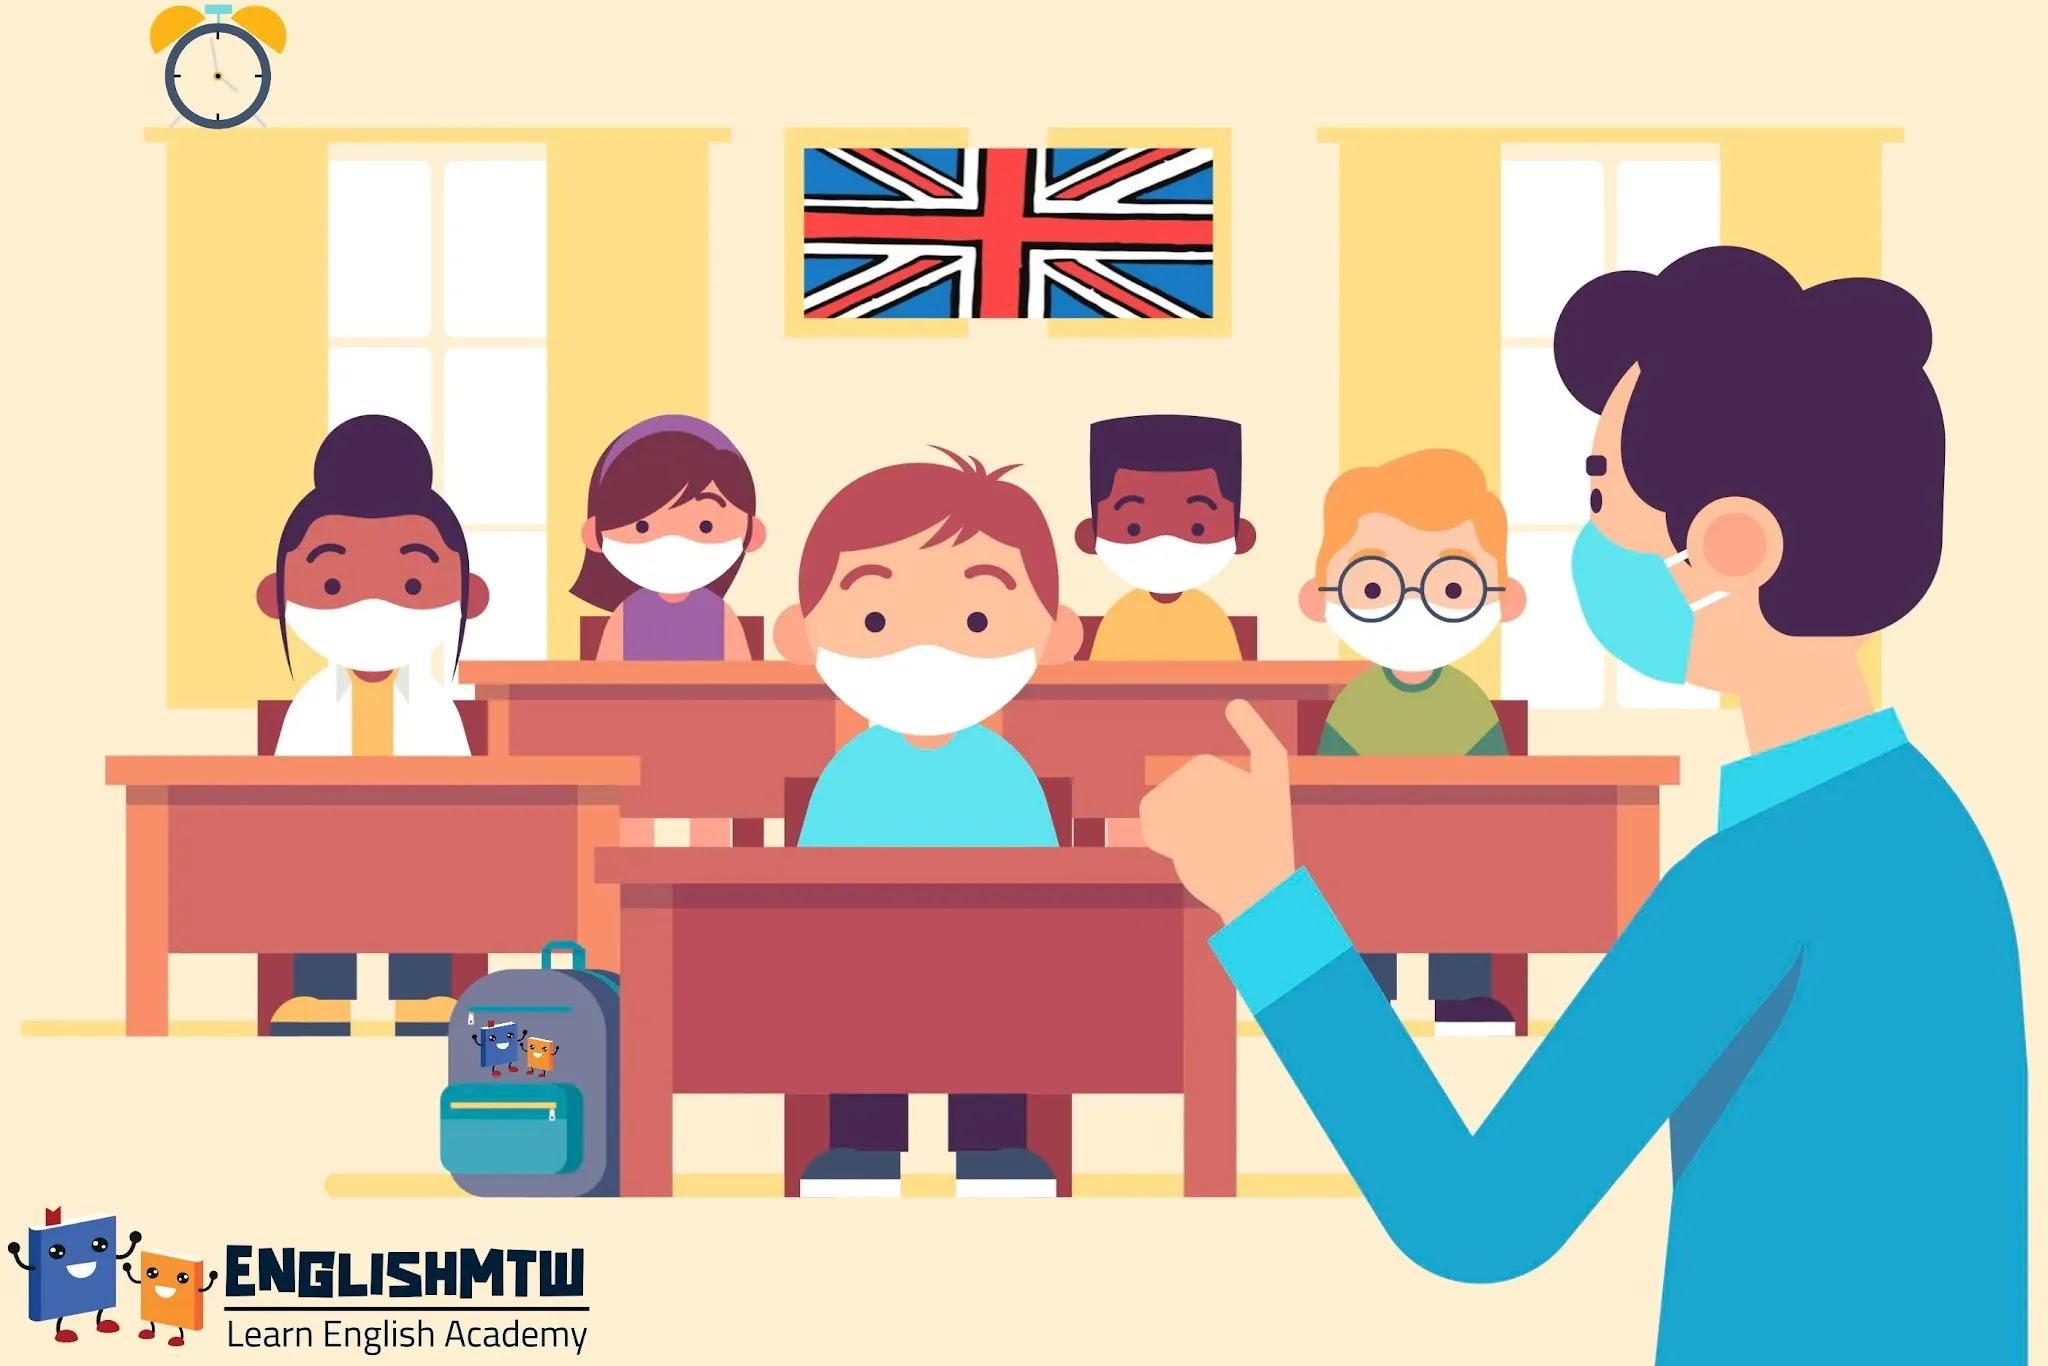 محادثات انجليزية للمبتدئين: حوار بين المعلمين والطلاب بالانجليزي